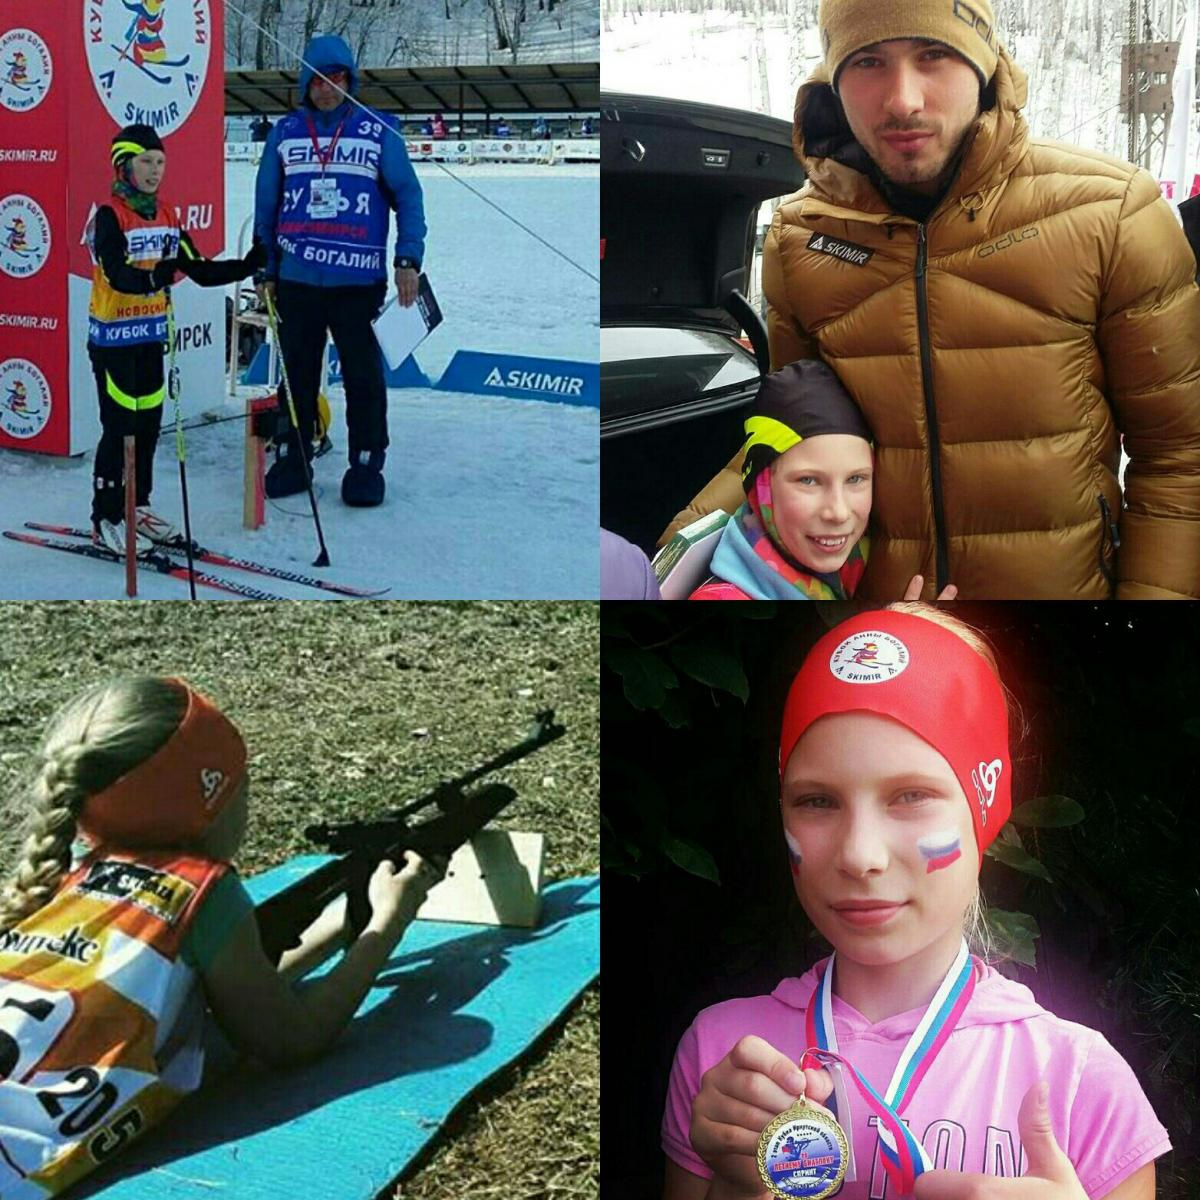 Вологодский спортсмен по лыжам знаменитый фото 161-347